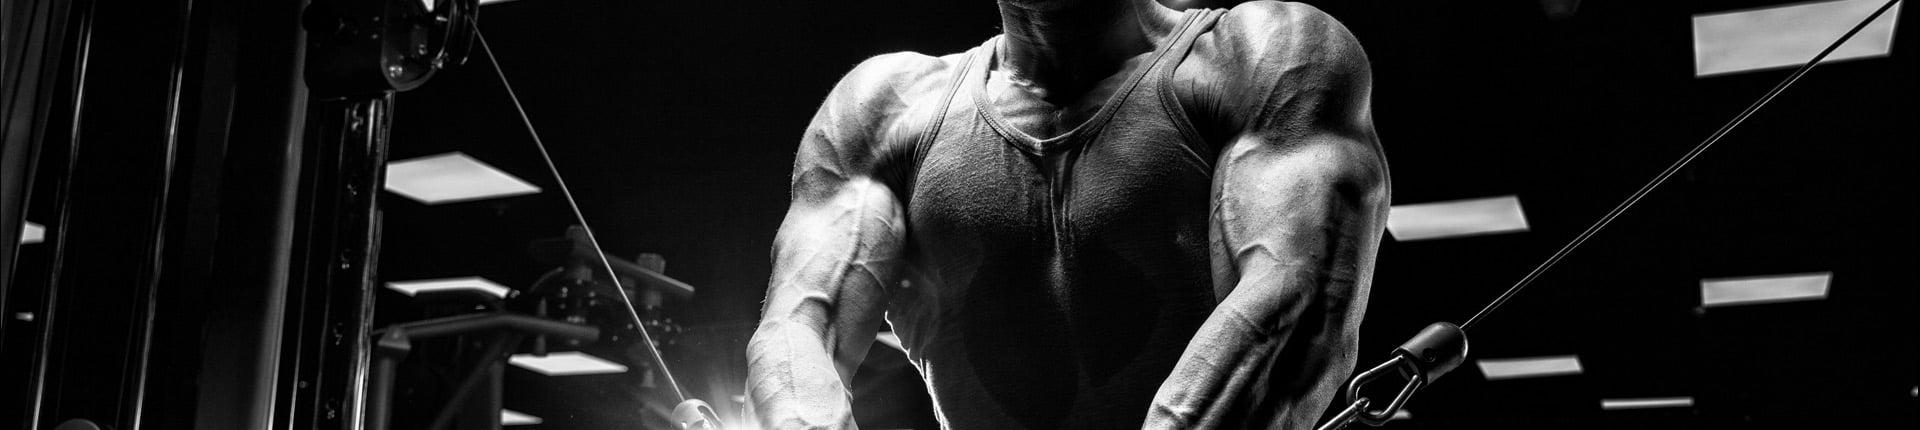 Błędy podczas treningu klatki piersiowej, które hamują efekty